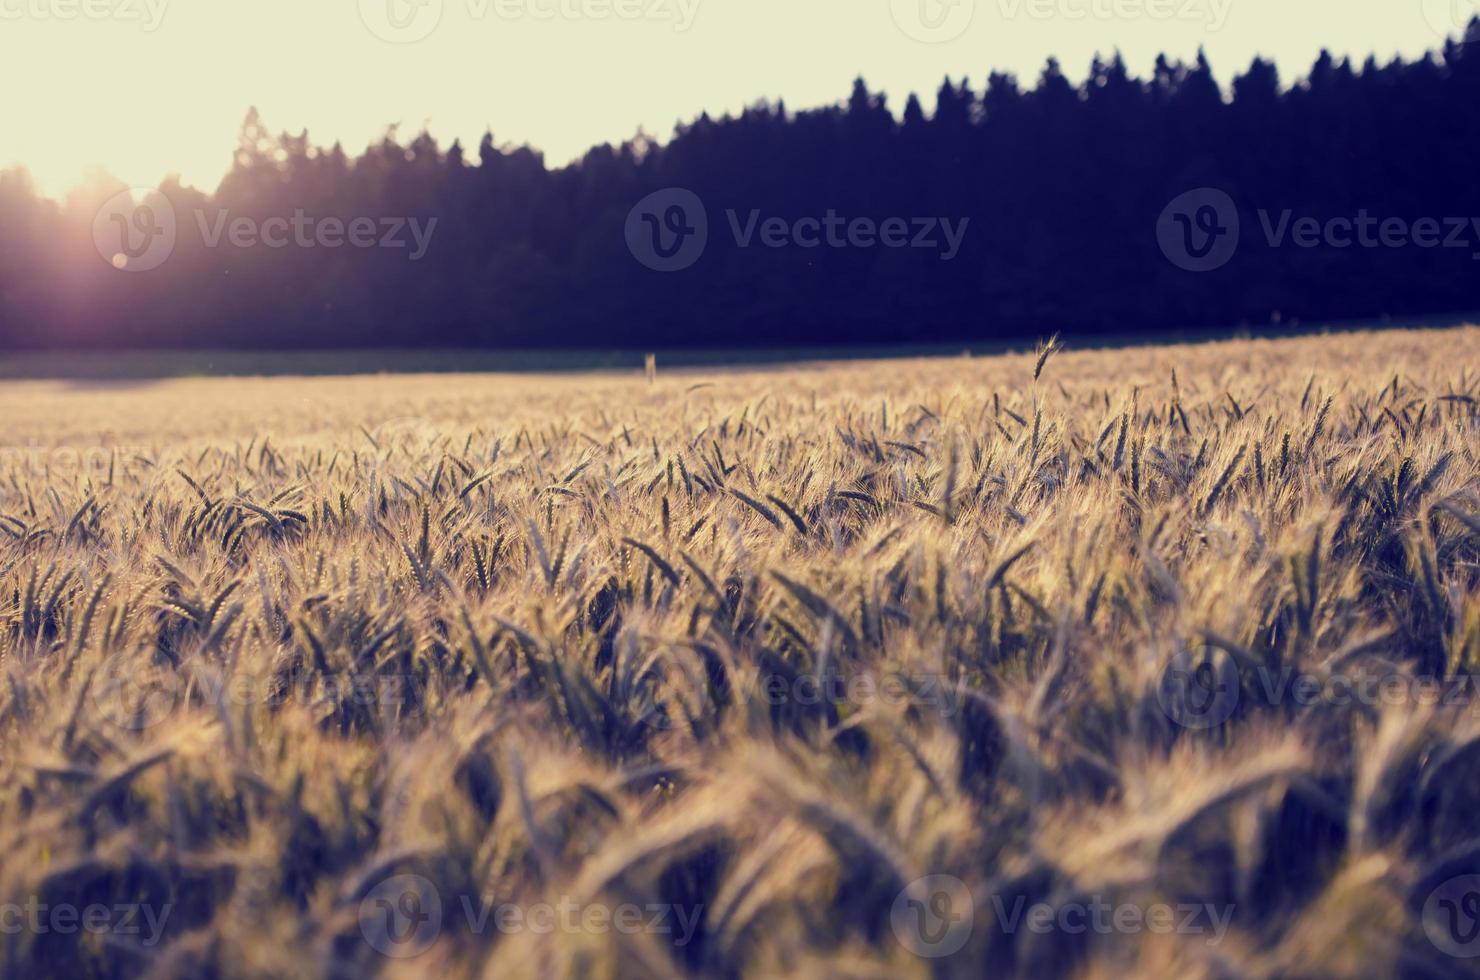 Sonnenaufgang über einem Feld reifer Weizenähren foto